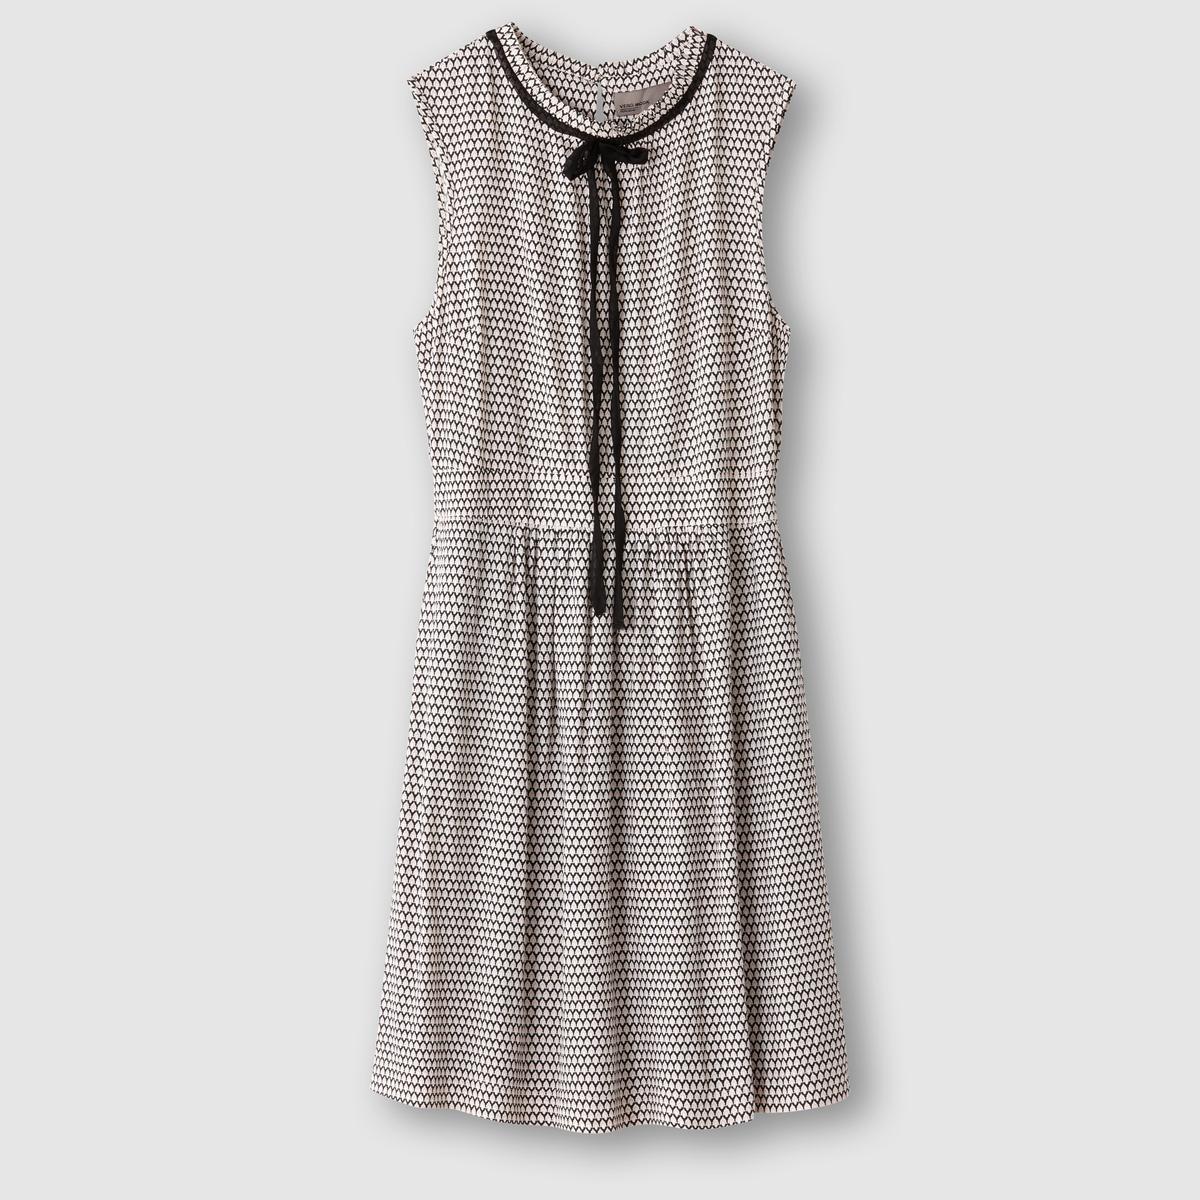 Платье без рукавовПлатье без рукавов. 100% вискозы. Завязки на воротнике. Вырез-капелька сзади. Эластичный пояс. Длина 88 см.<br><br>Цвет: черный